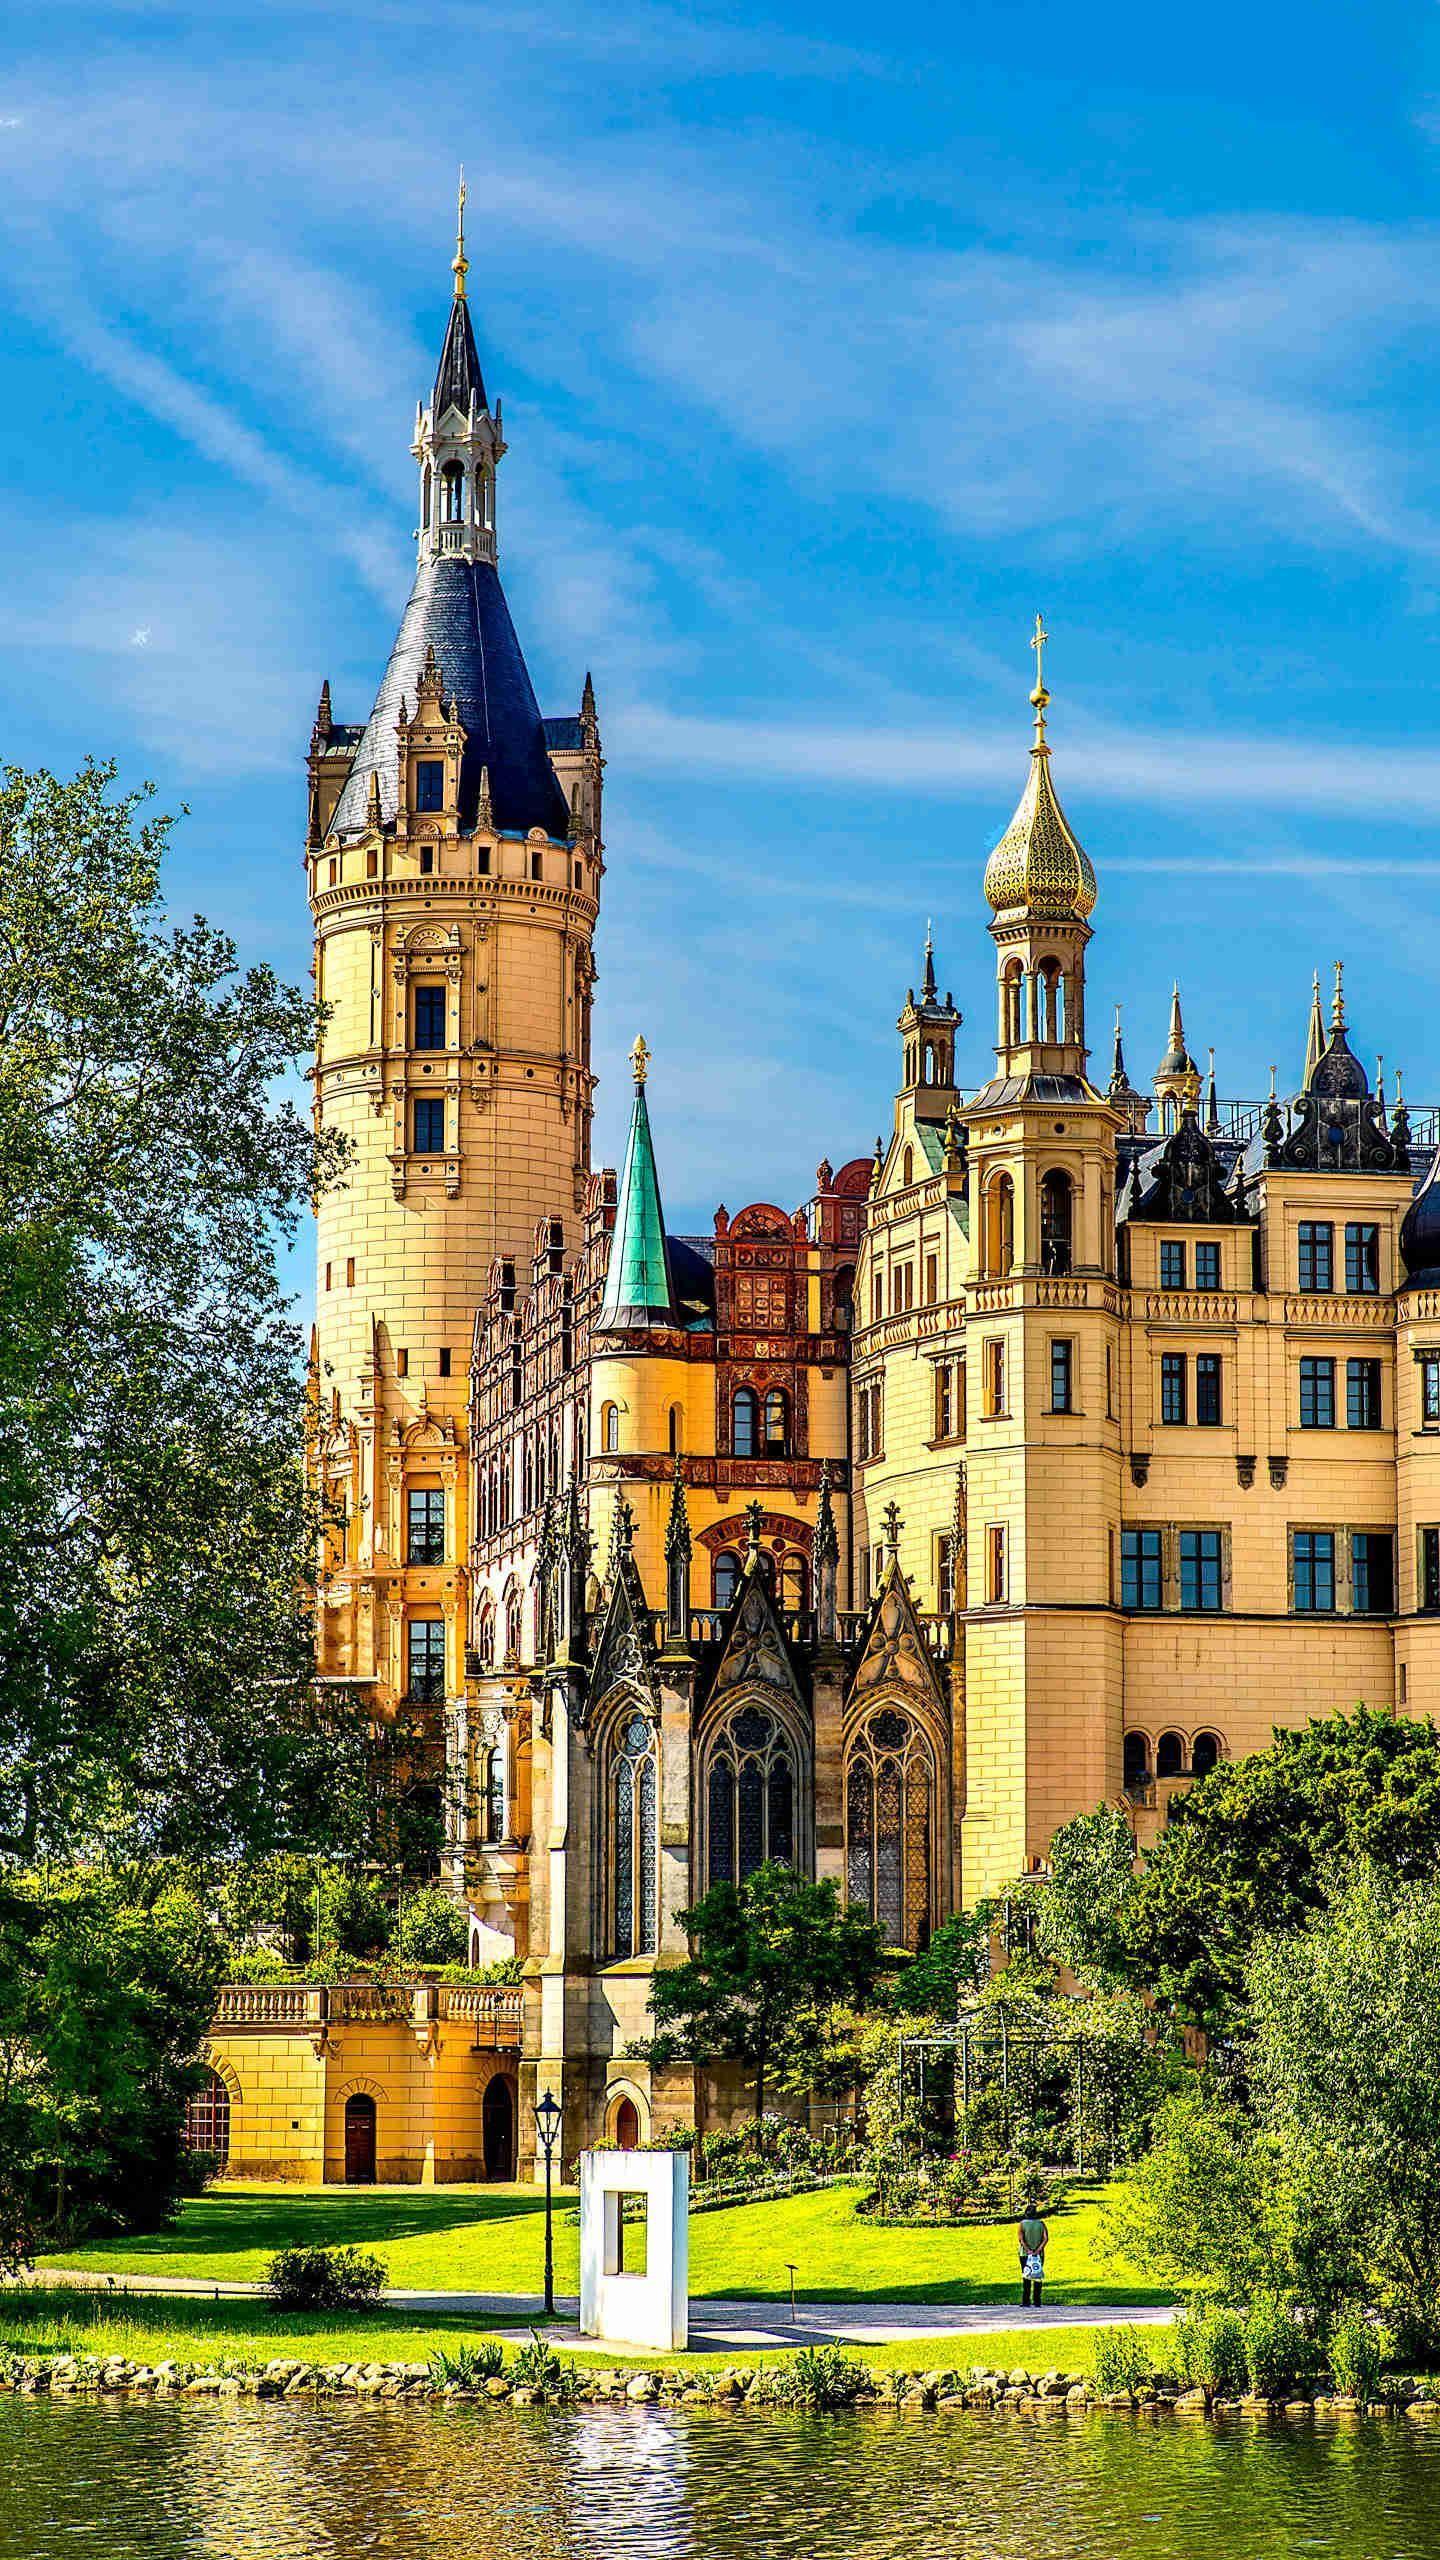 来到德国,城市风景美不胜收,现实版童话世界,又该是哪座城堡